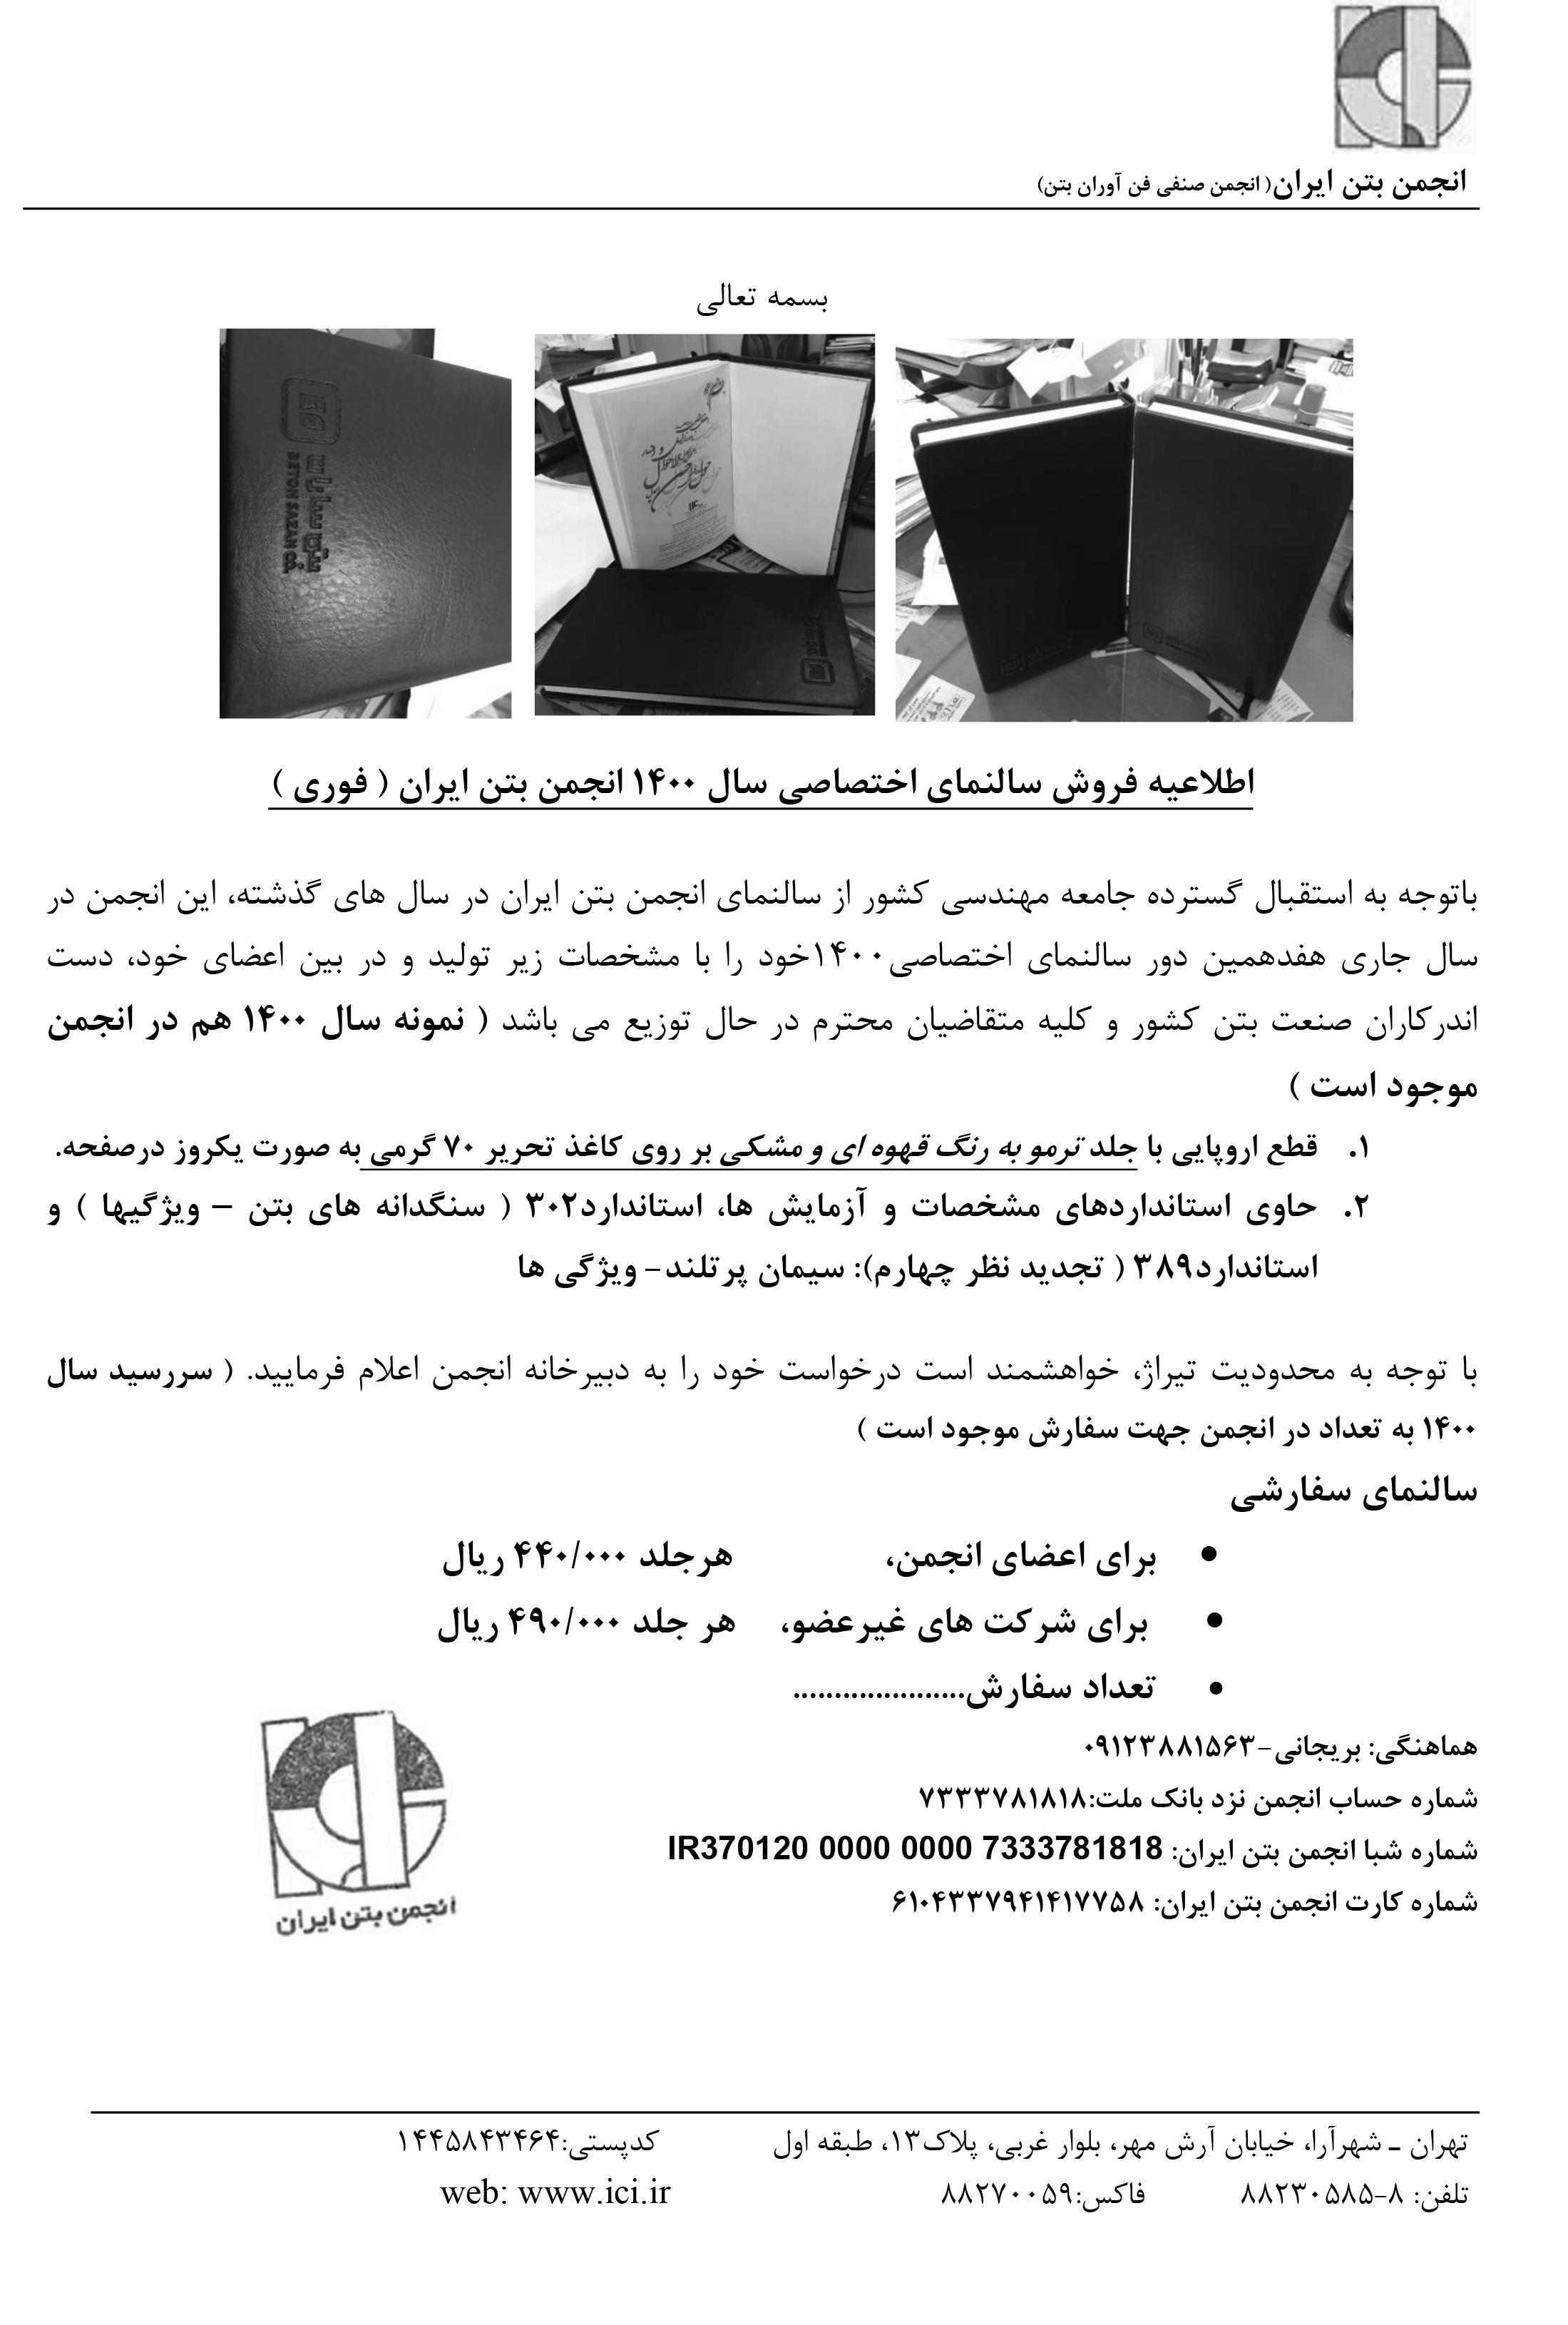 اطلاعیه فروش سالنمای 1400 مهندسی انجمن بتن ایران